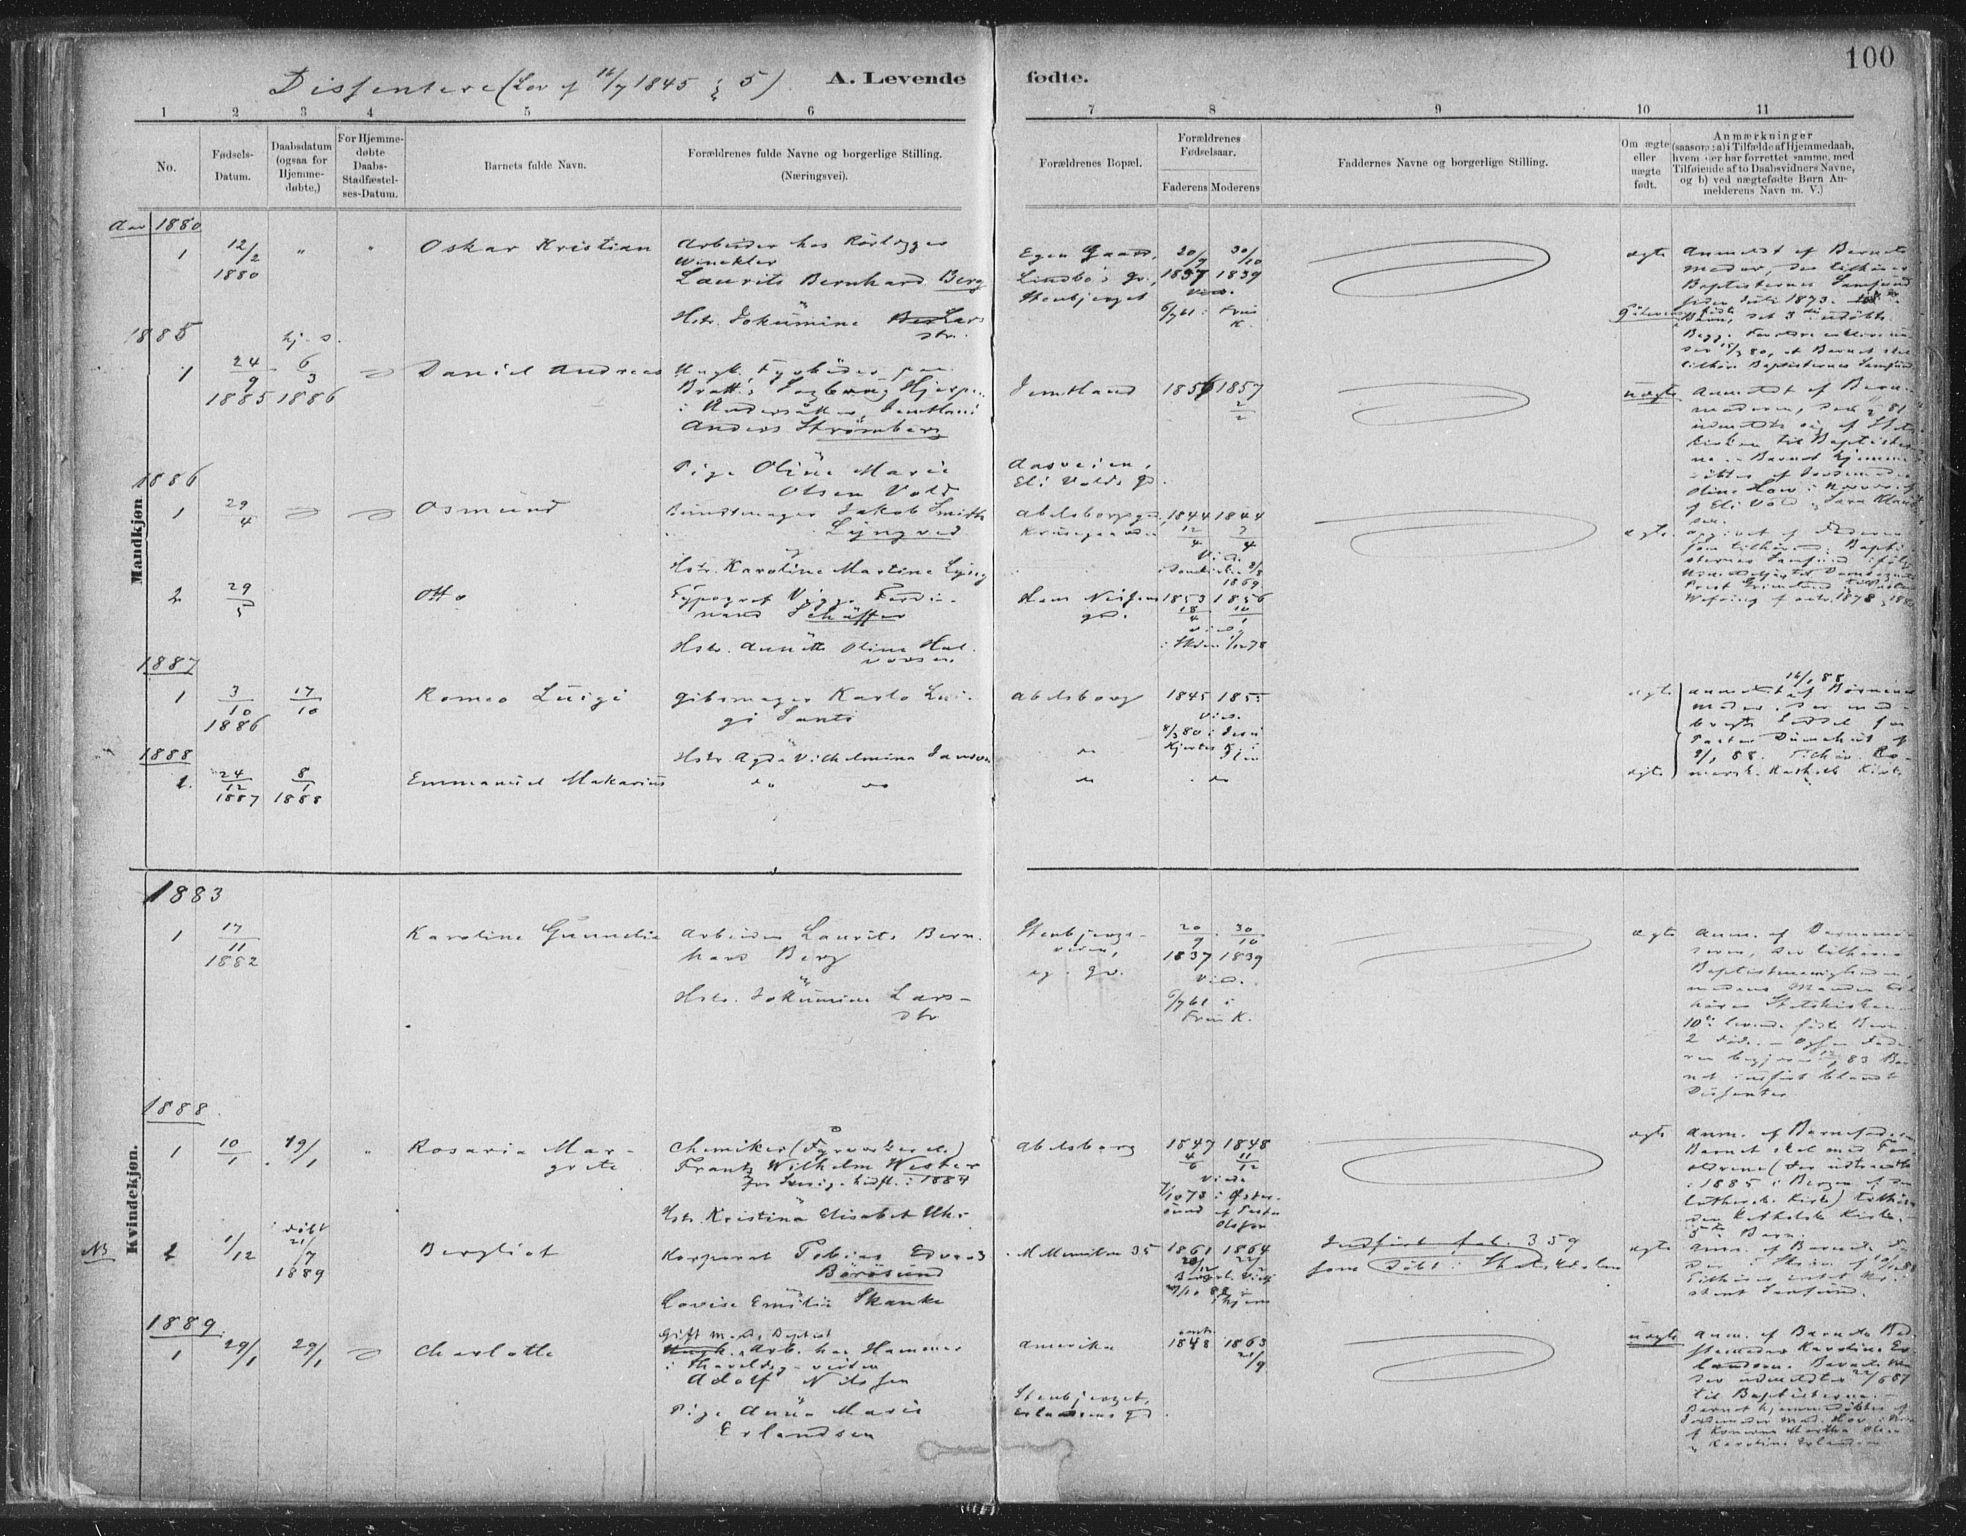 SAT, Ministerialprotokoller, klokkerbøker og fødselsregistre - Sør-Trøndelag, 603/L0162: Ministerialbok nr. 603A01, 1879-1895, s. 100